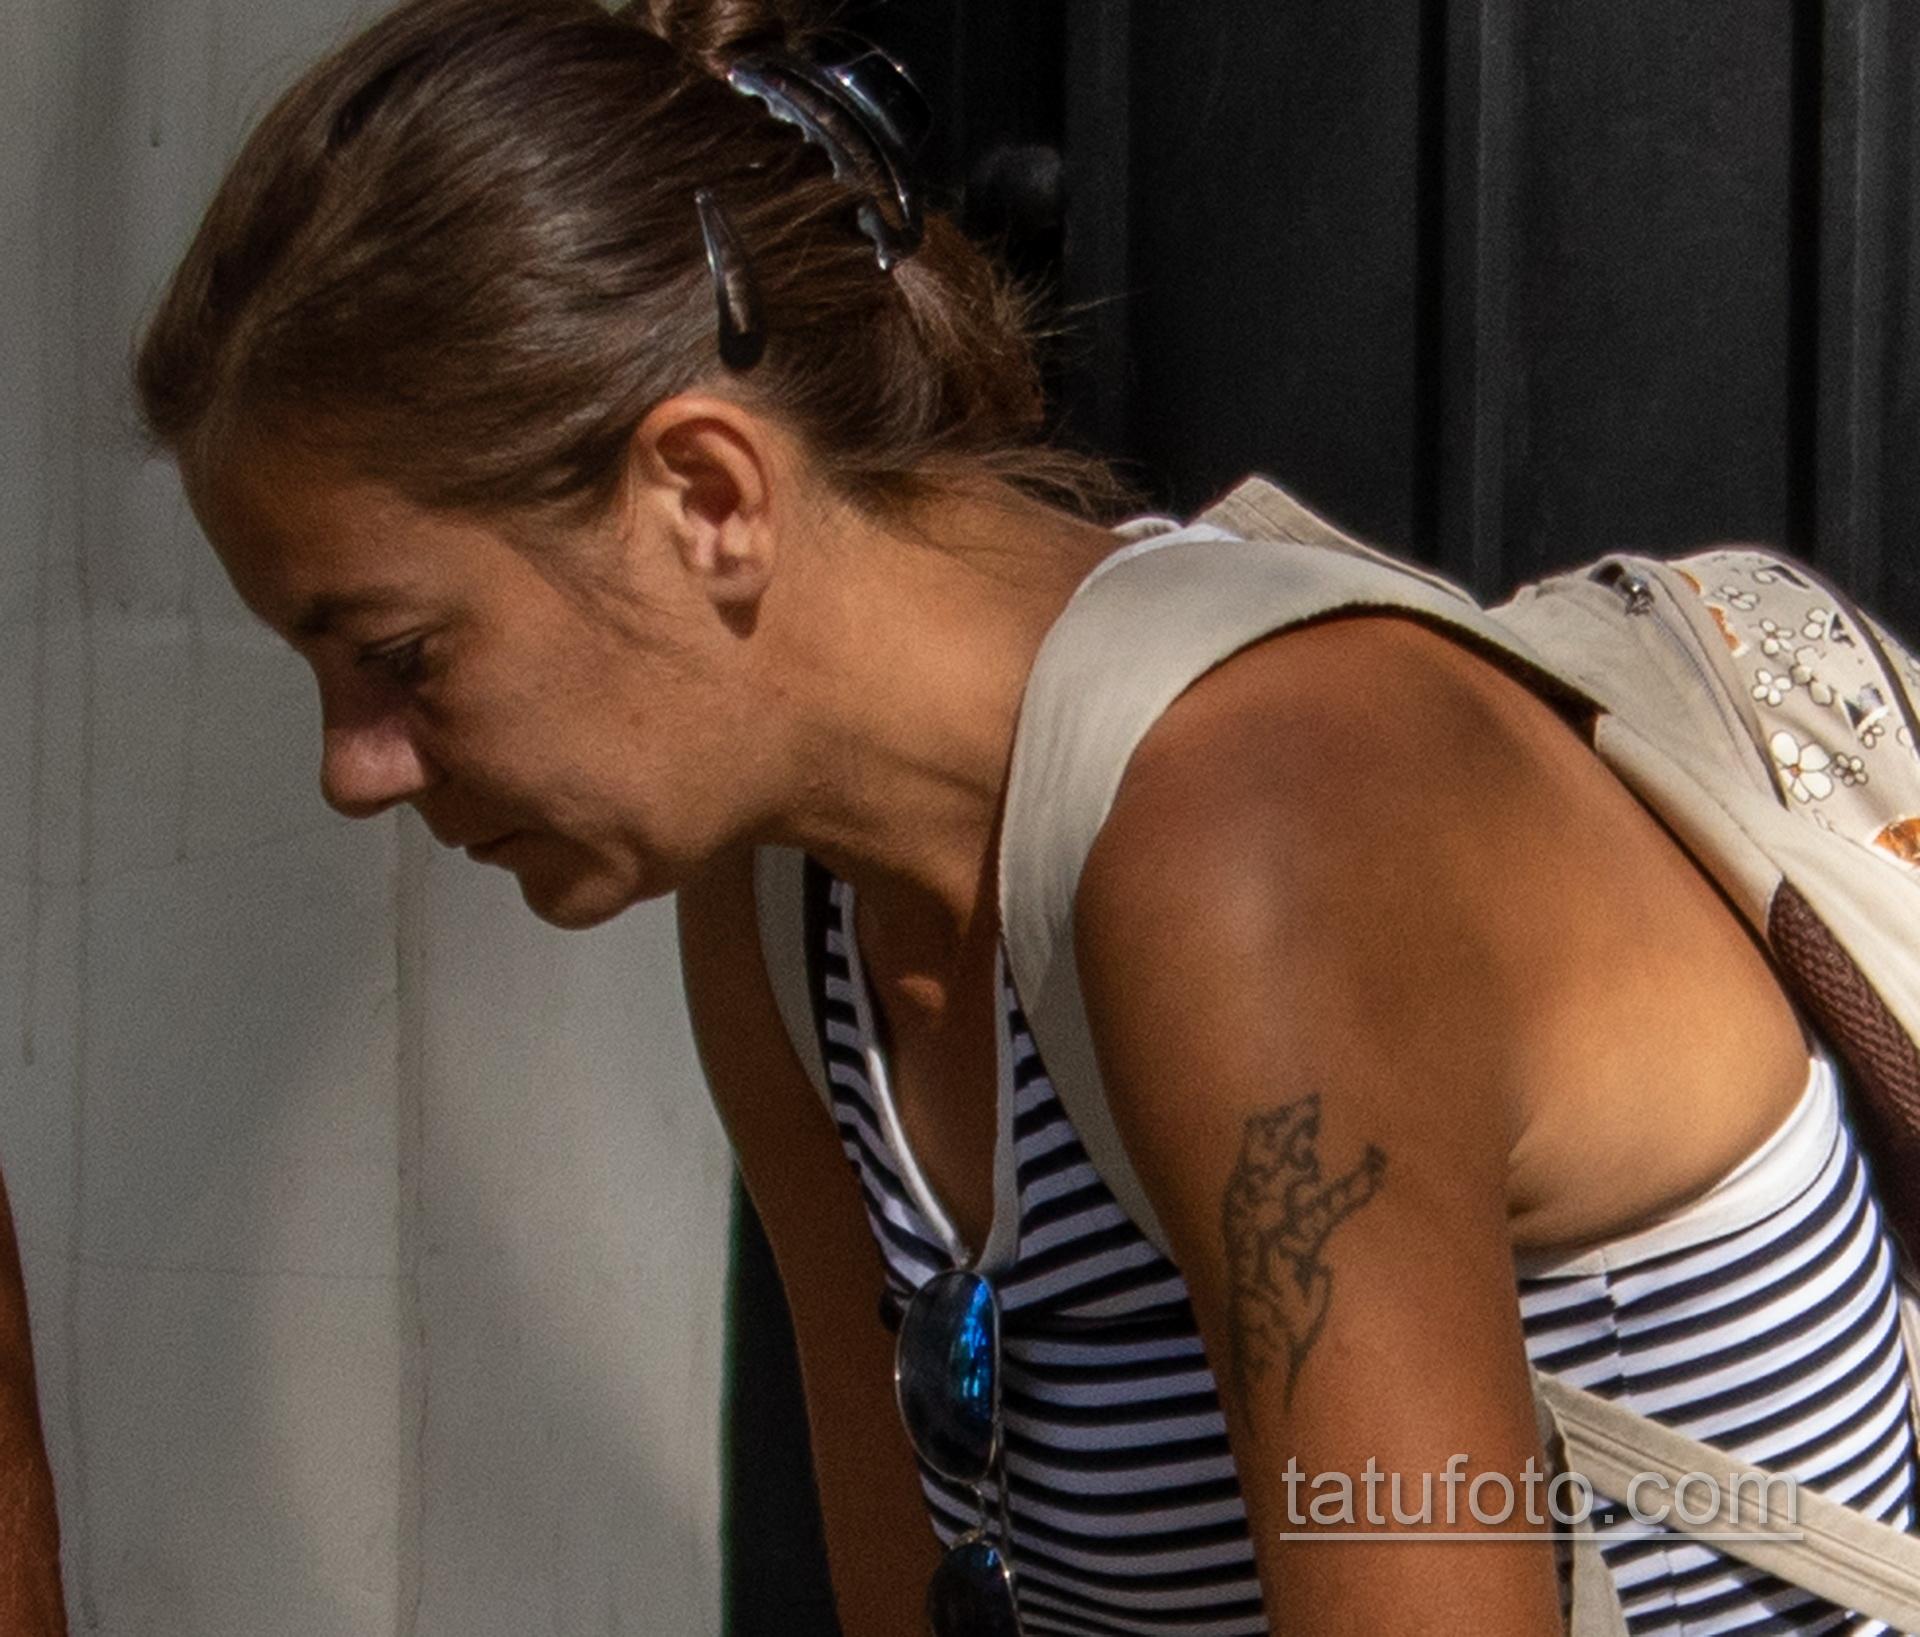 Неудачная татуировка с тигром на левом плече женщины - Уличная татуировка 14.09.2020 – tatufoto.com 3